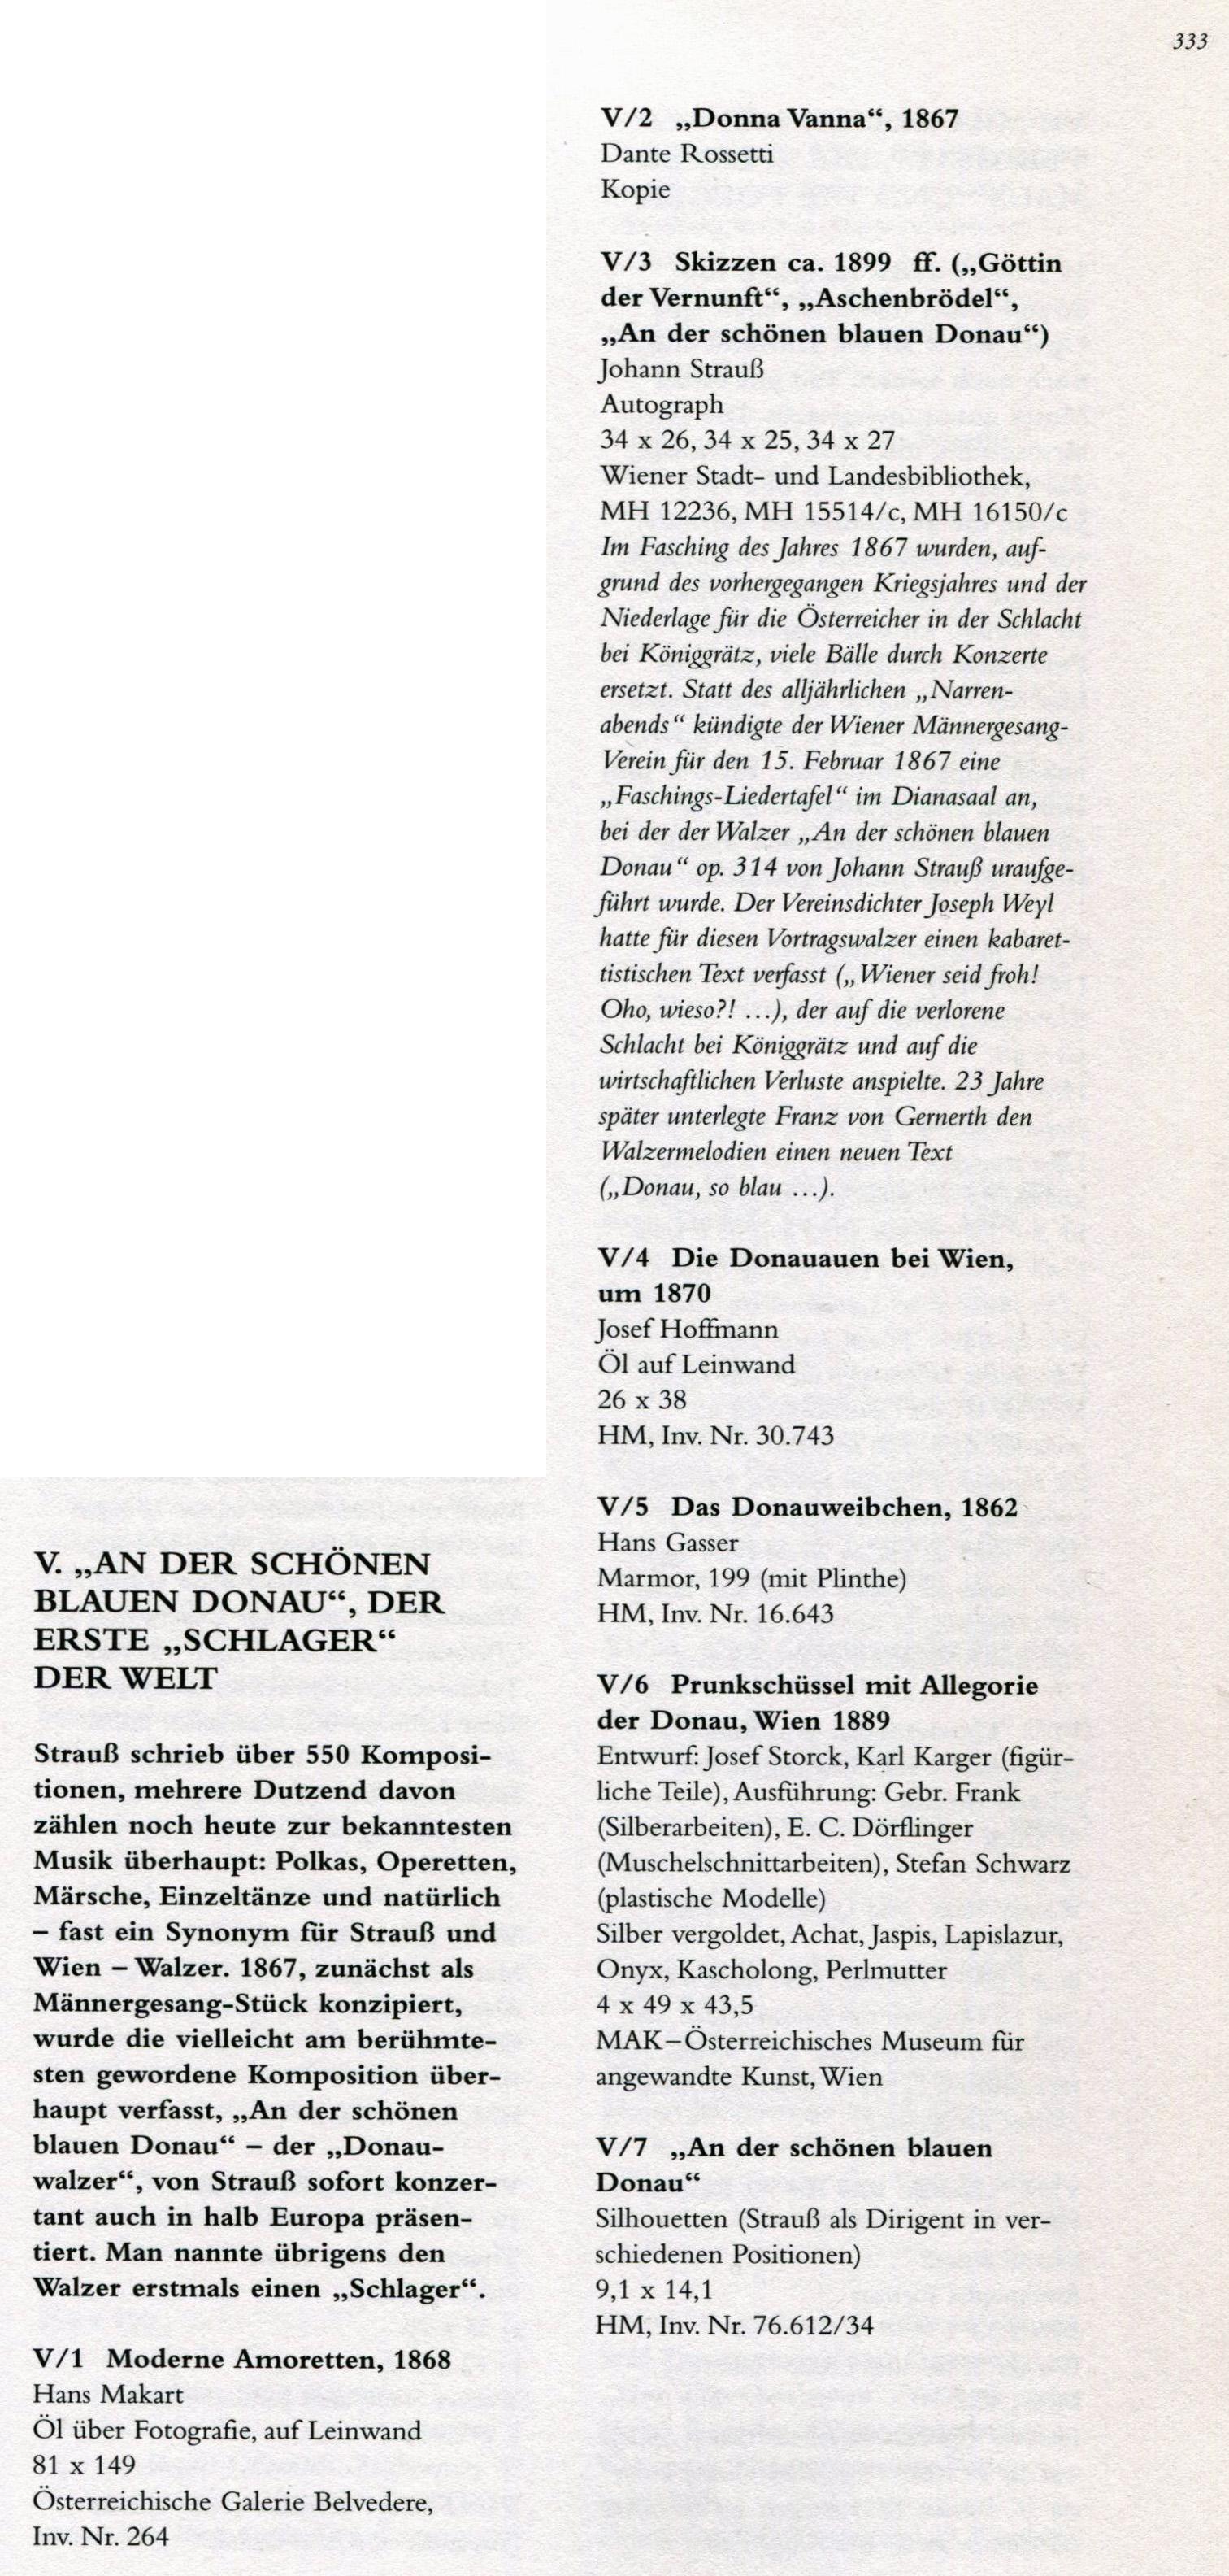 katalog-strauss-ausstellung-1999-quellen-donauwalzer